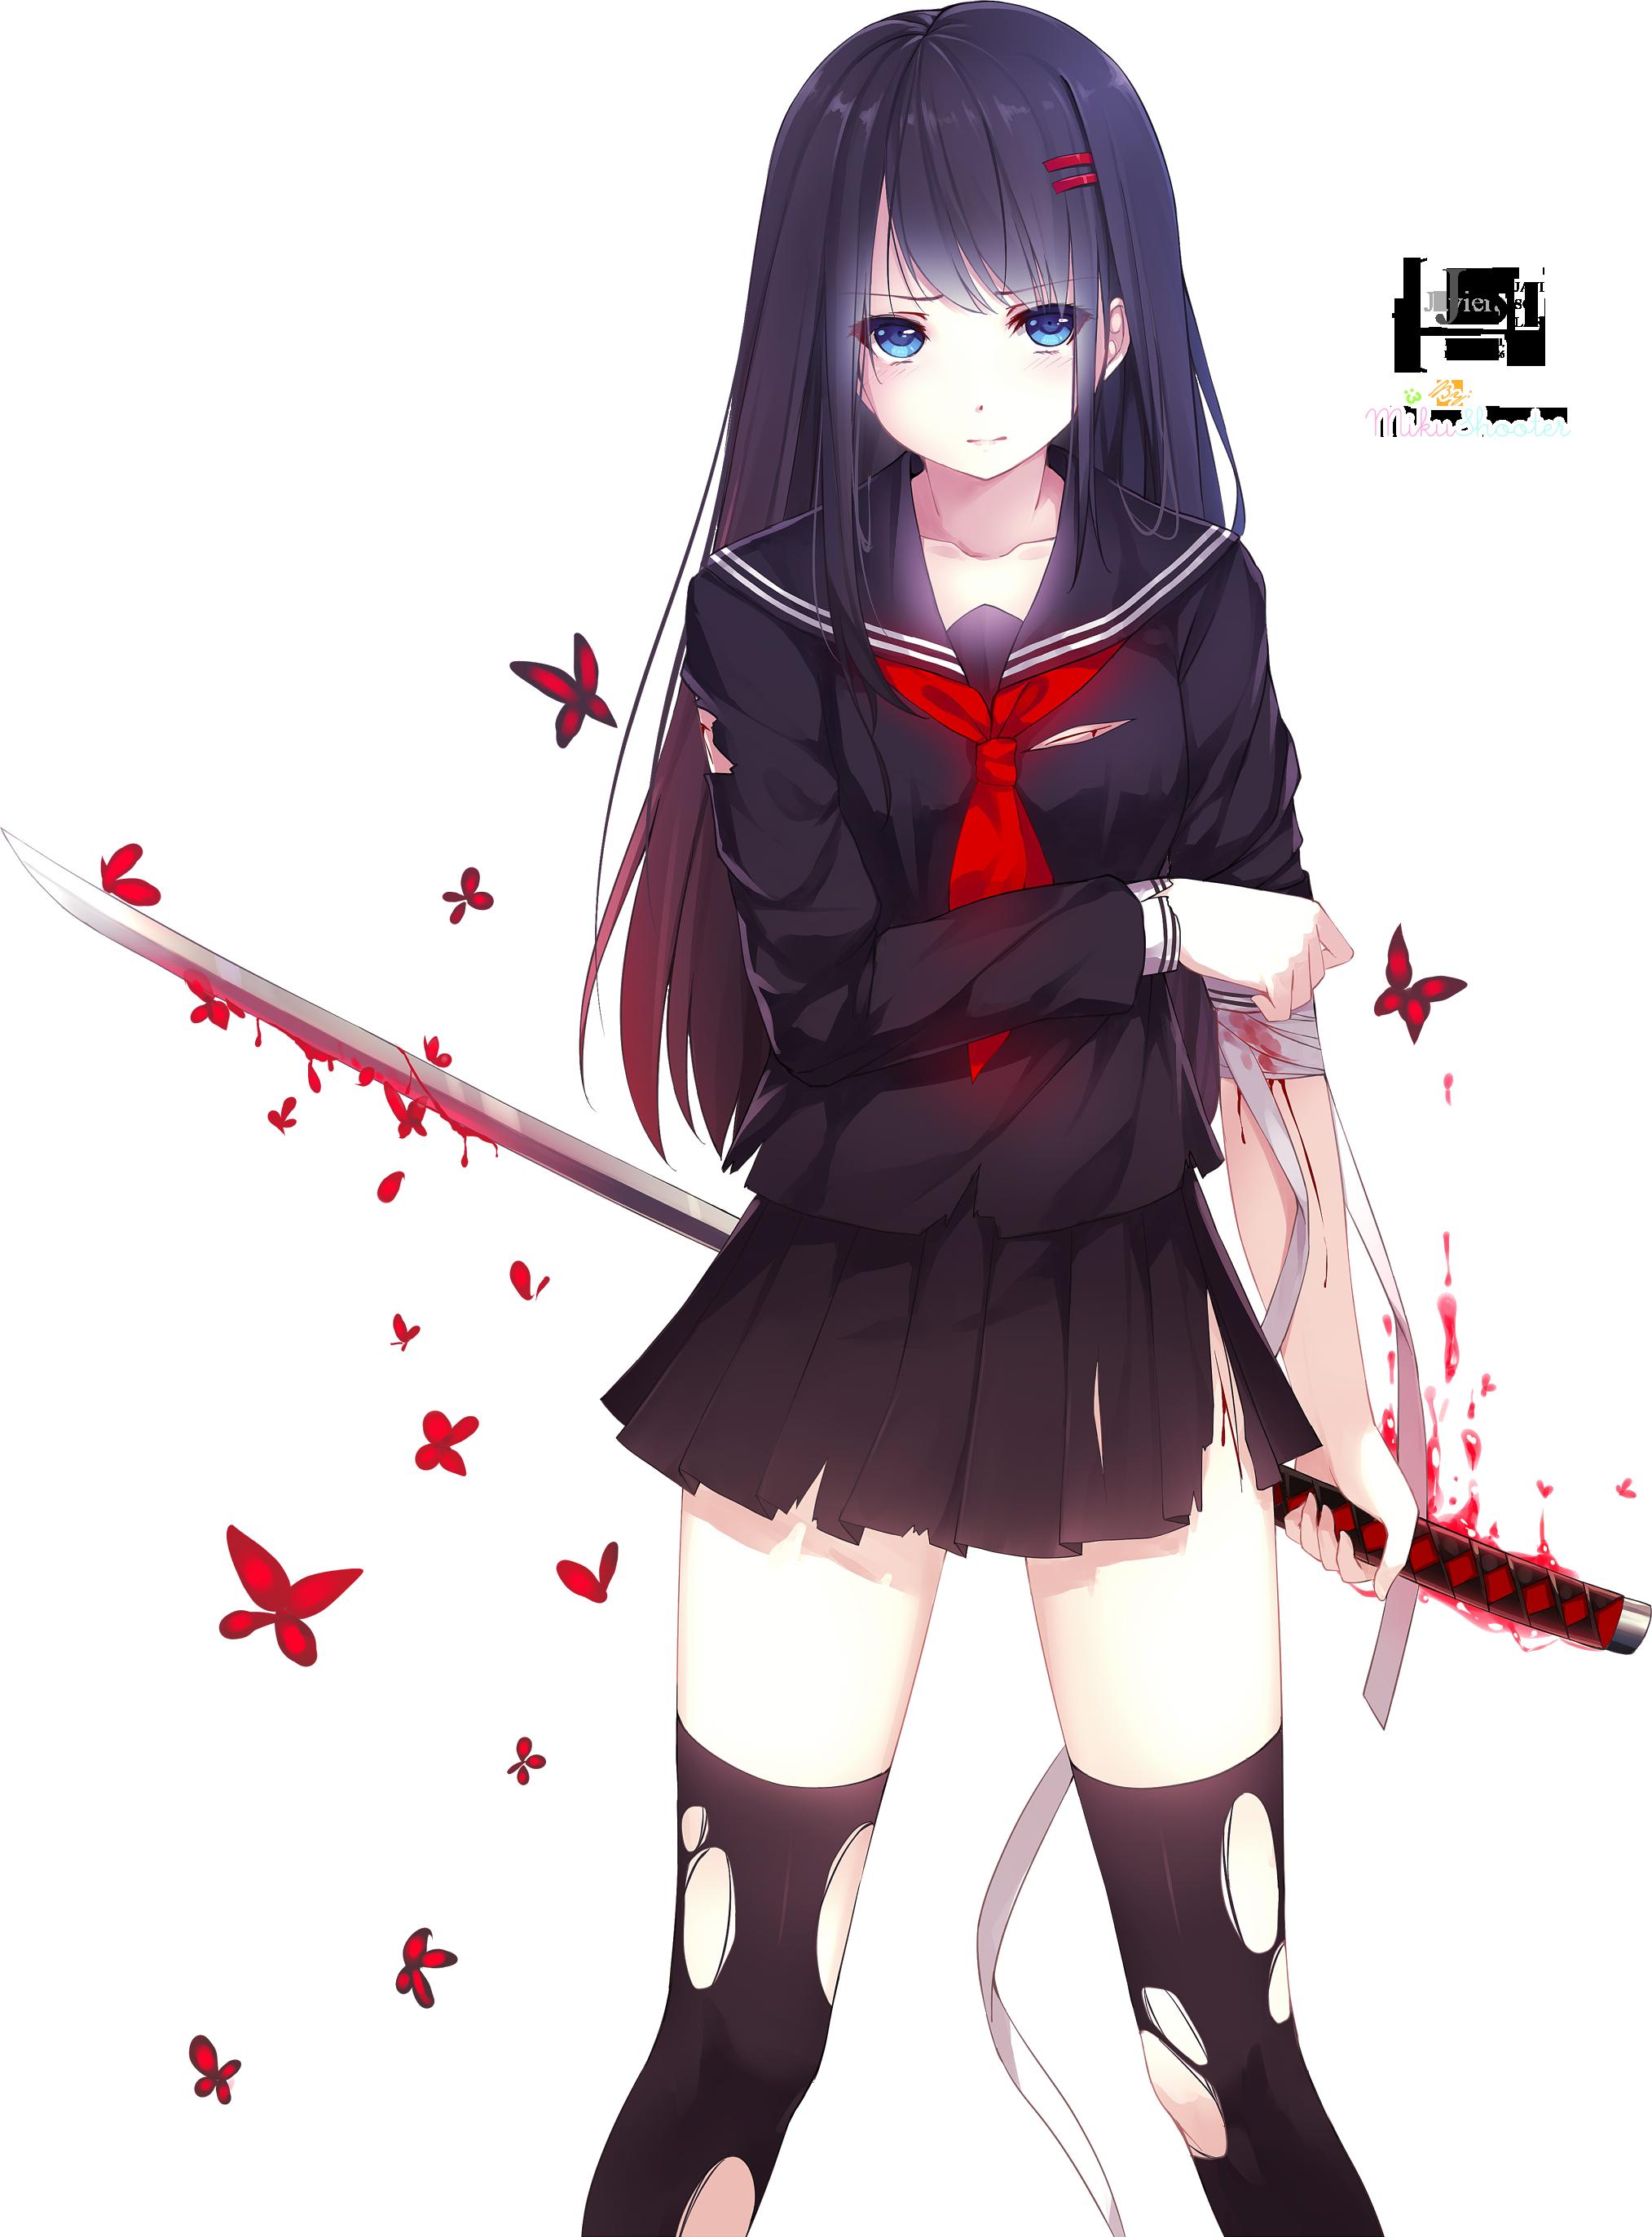 Download Anime Girl HQ PNG Image | FreePNGImg